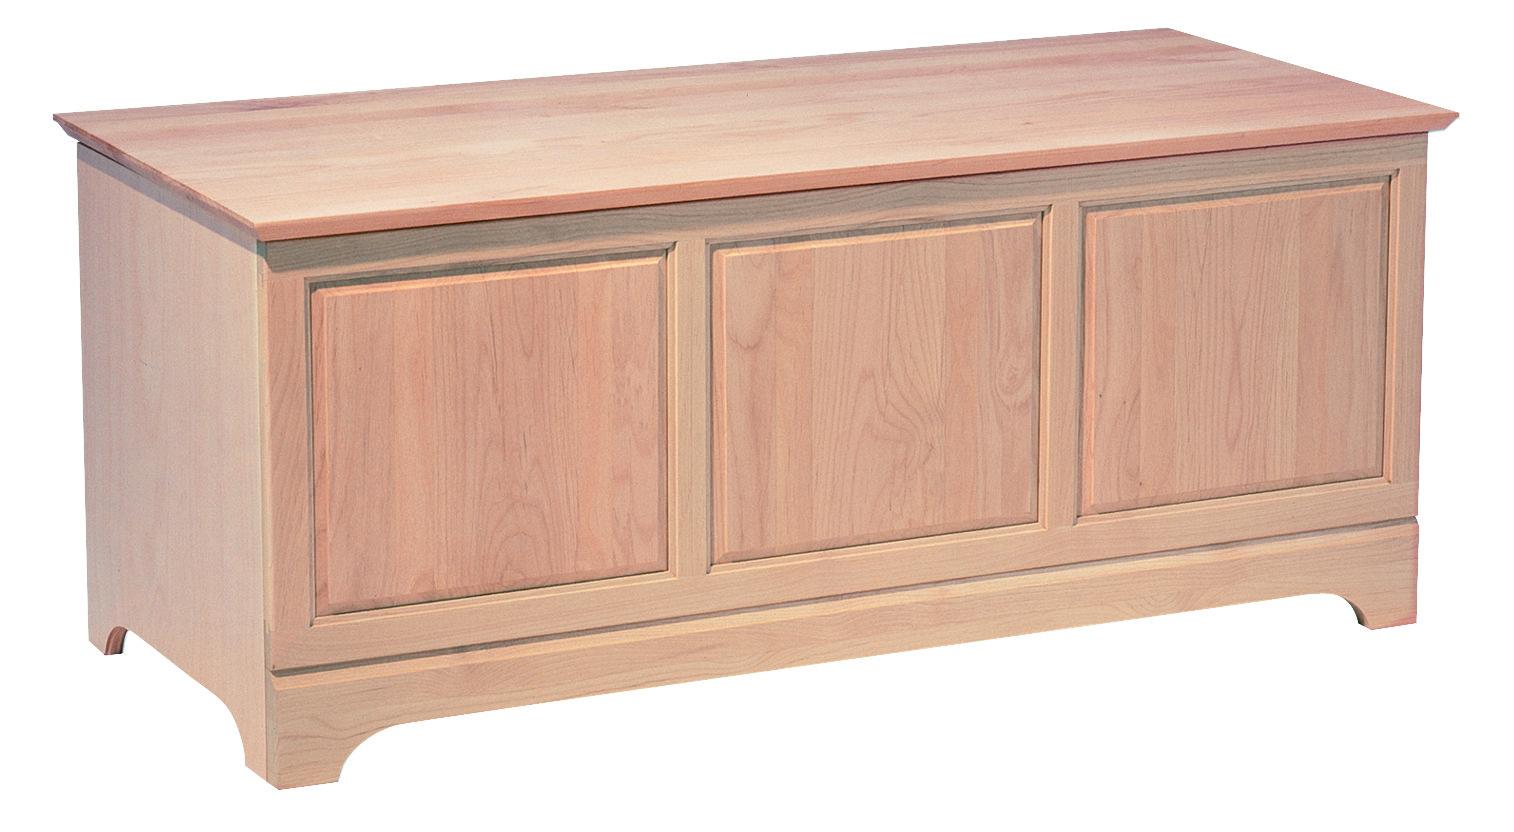 Unfinished storage chest storage livingroom bedroom unfinished furniture solidwood www derbyshires com